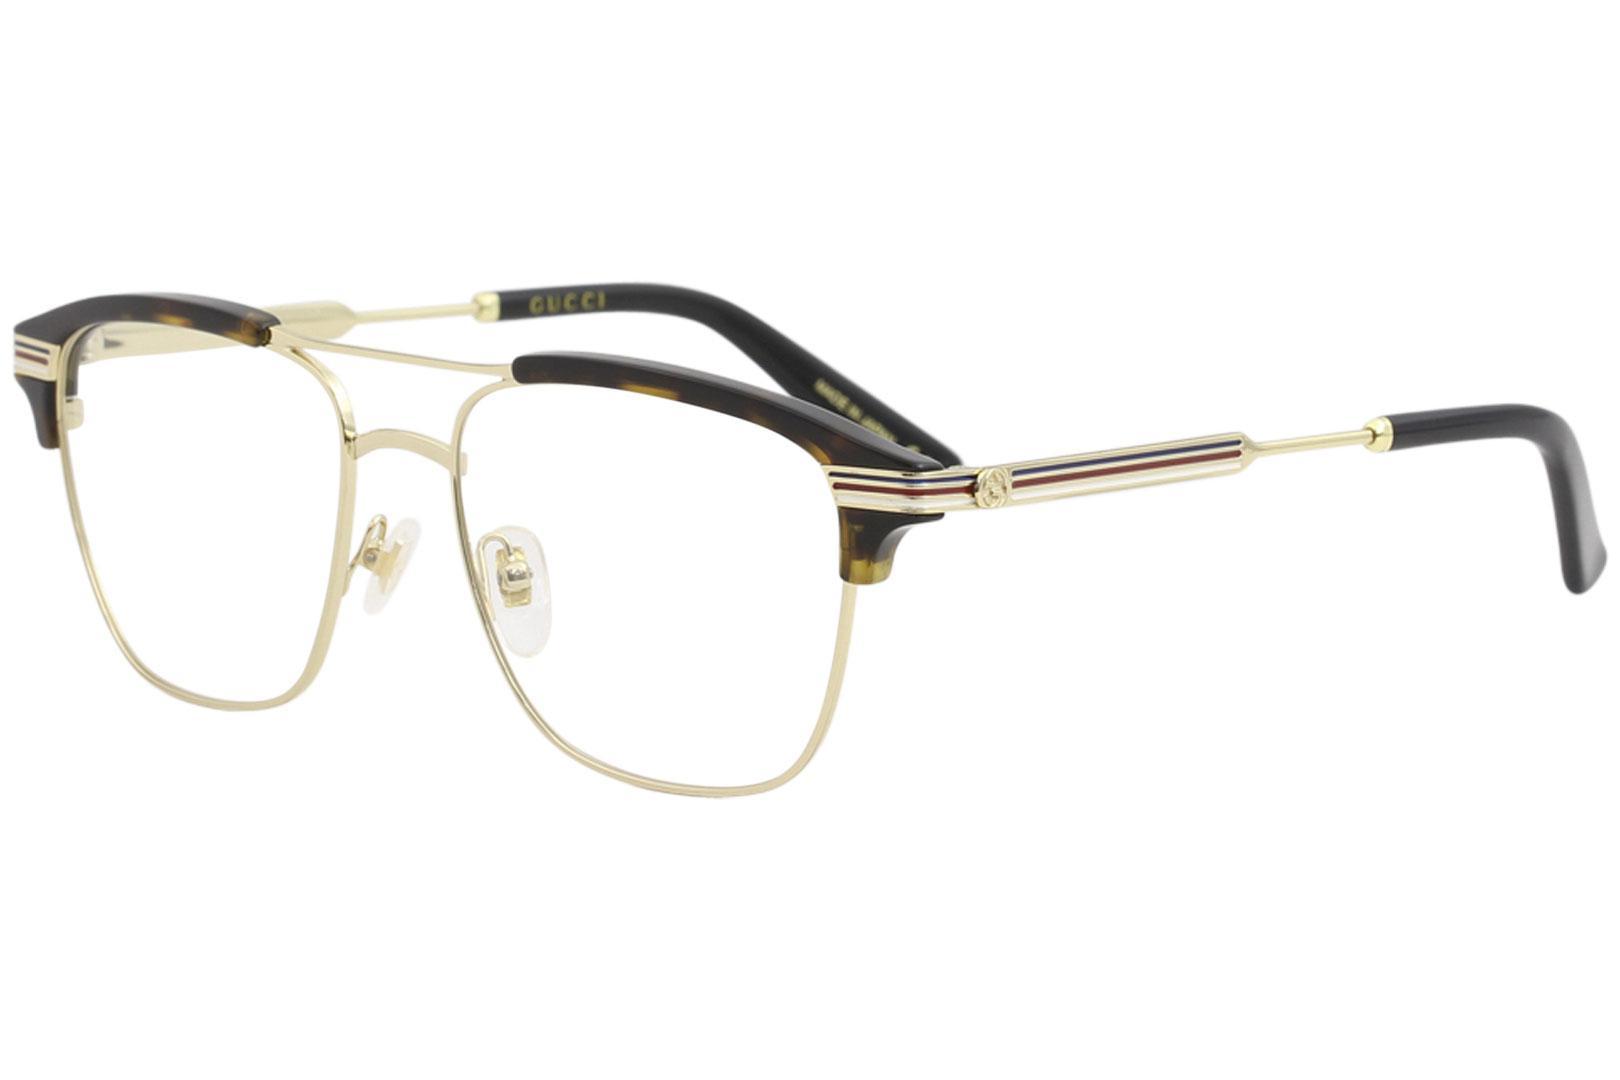 983c5f82b744 Gucci Men s Eyeglasses GG0241O GG 0241 O Full Rim Optical Frame